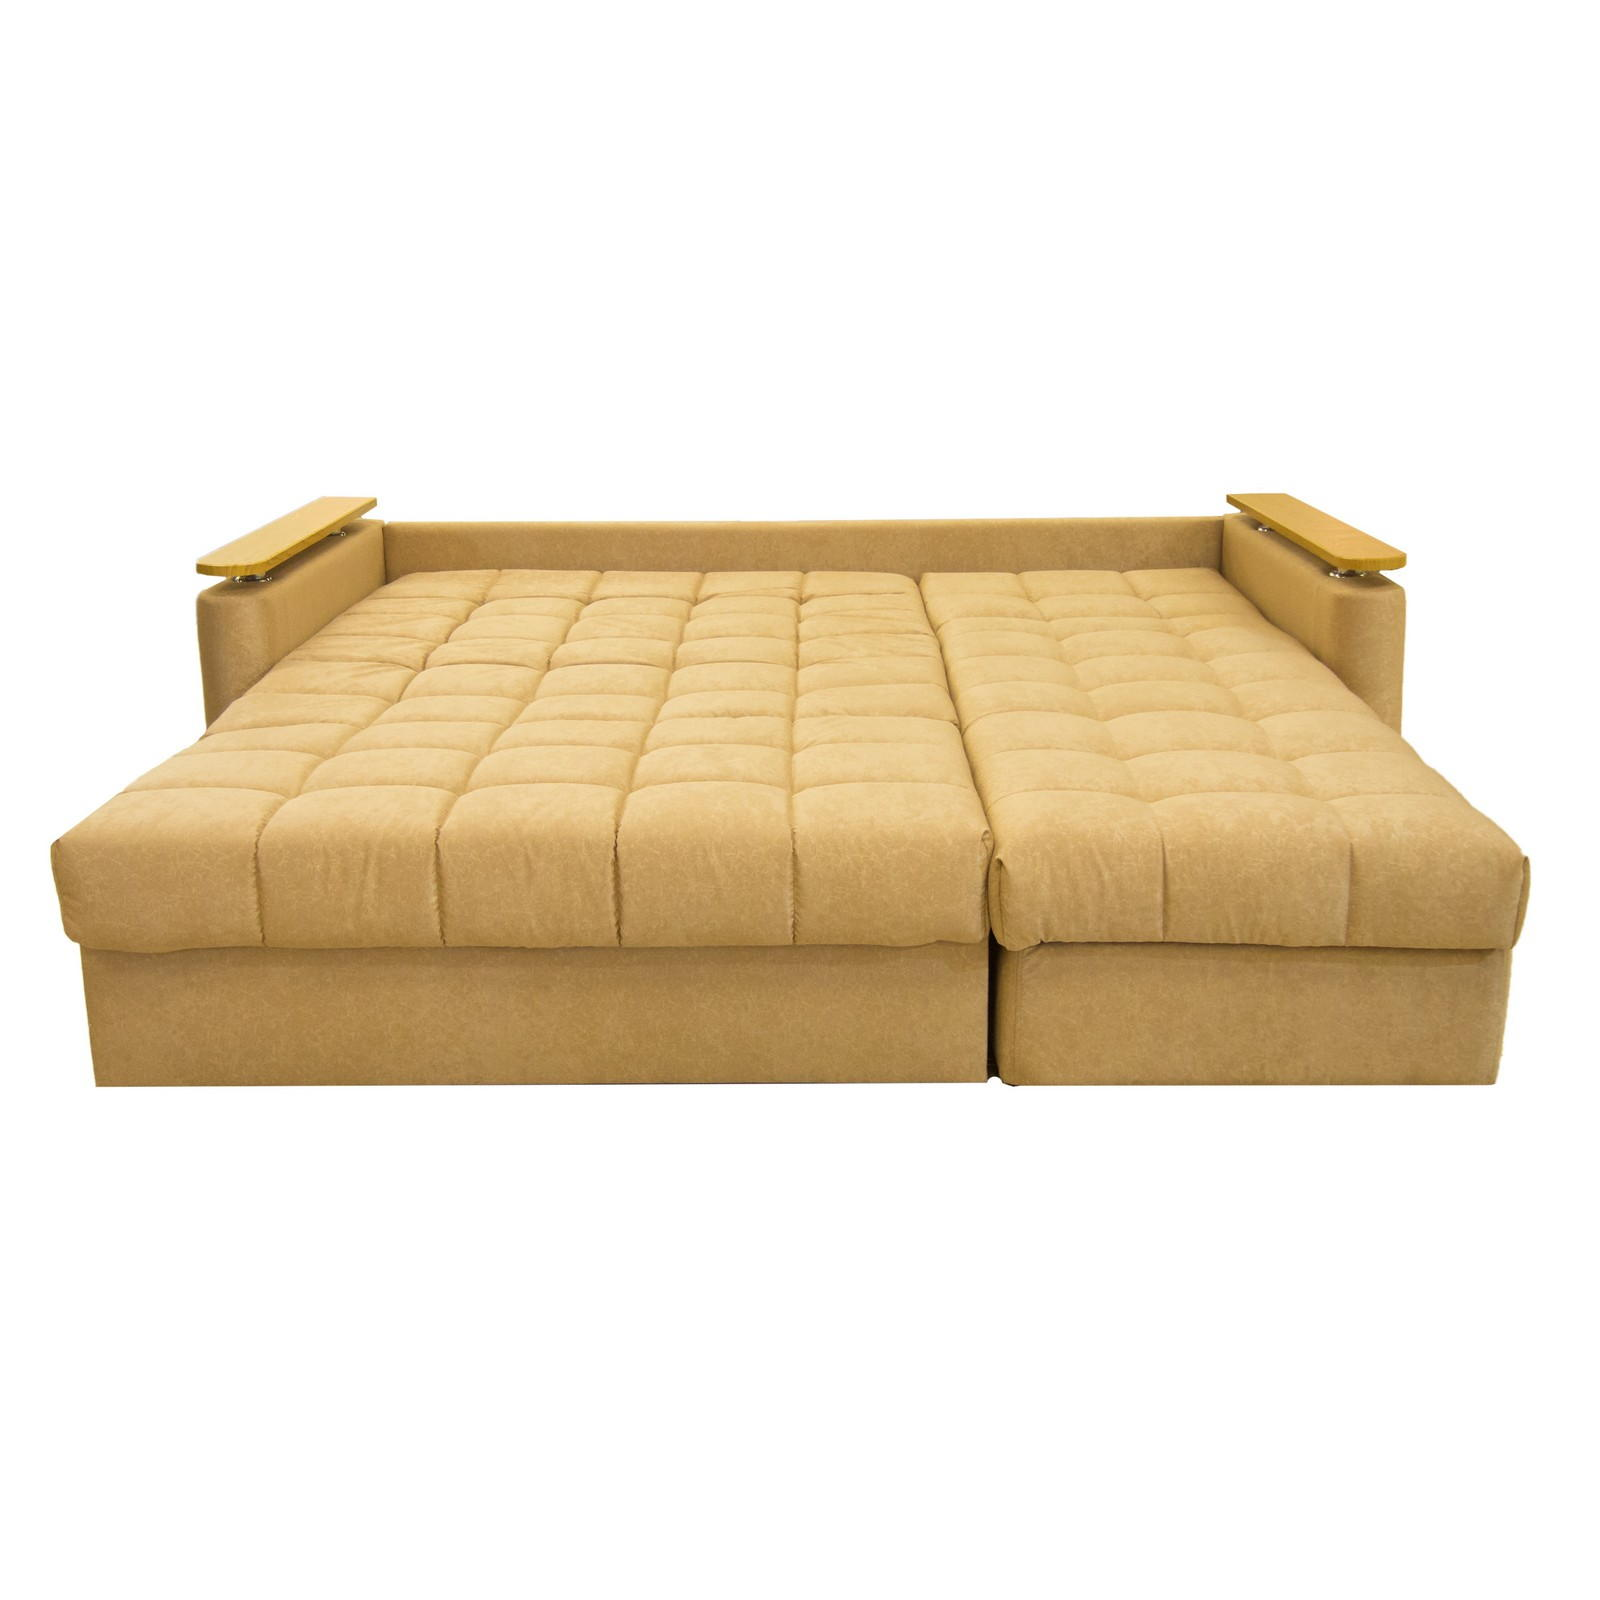 Угловой диван № 203-5. Мебельный магазин Мебель Ленд. Санкт-Петербург